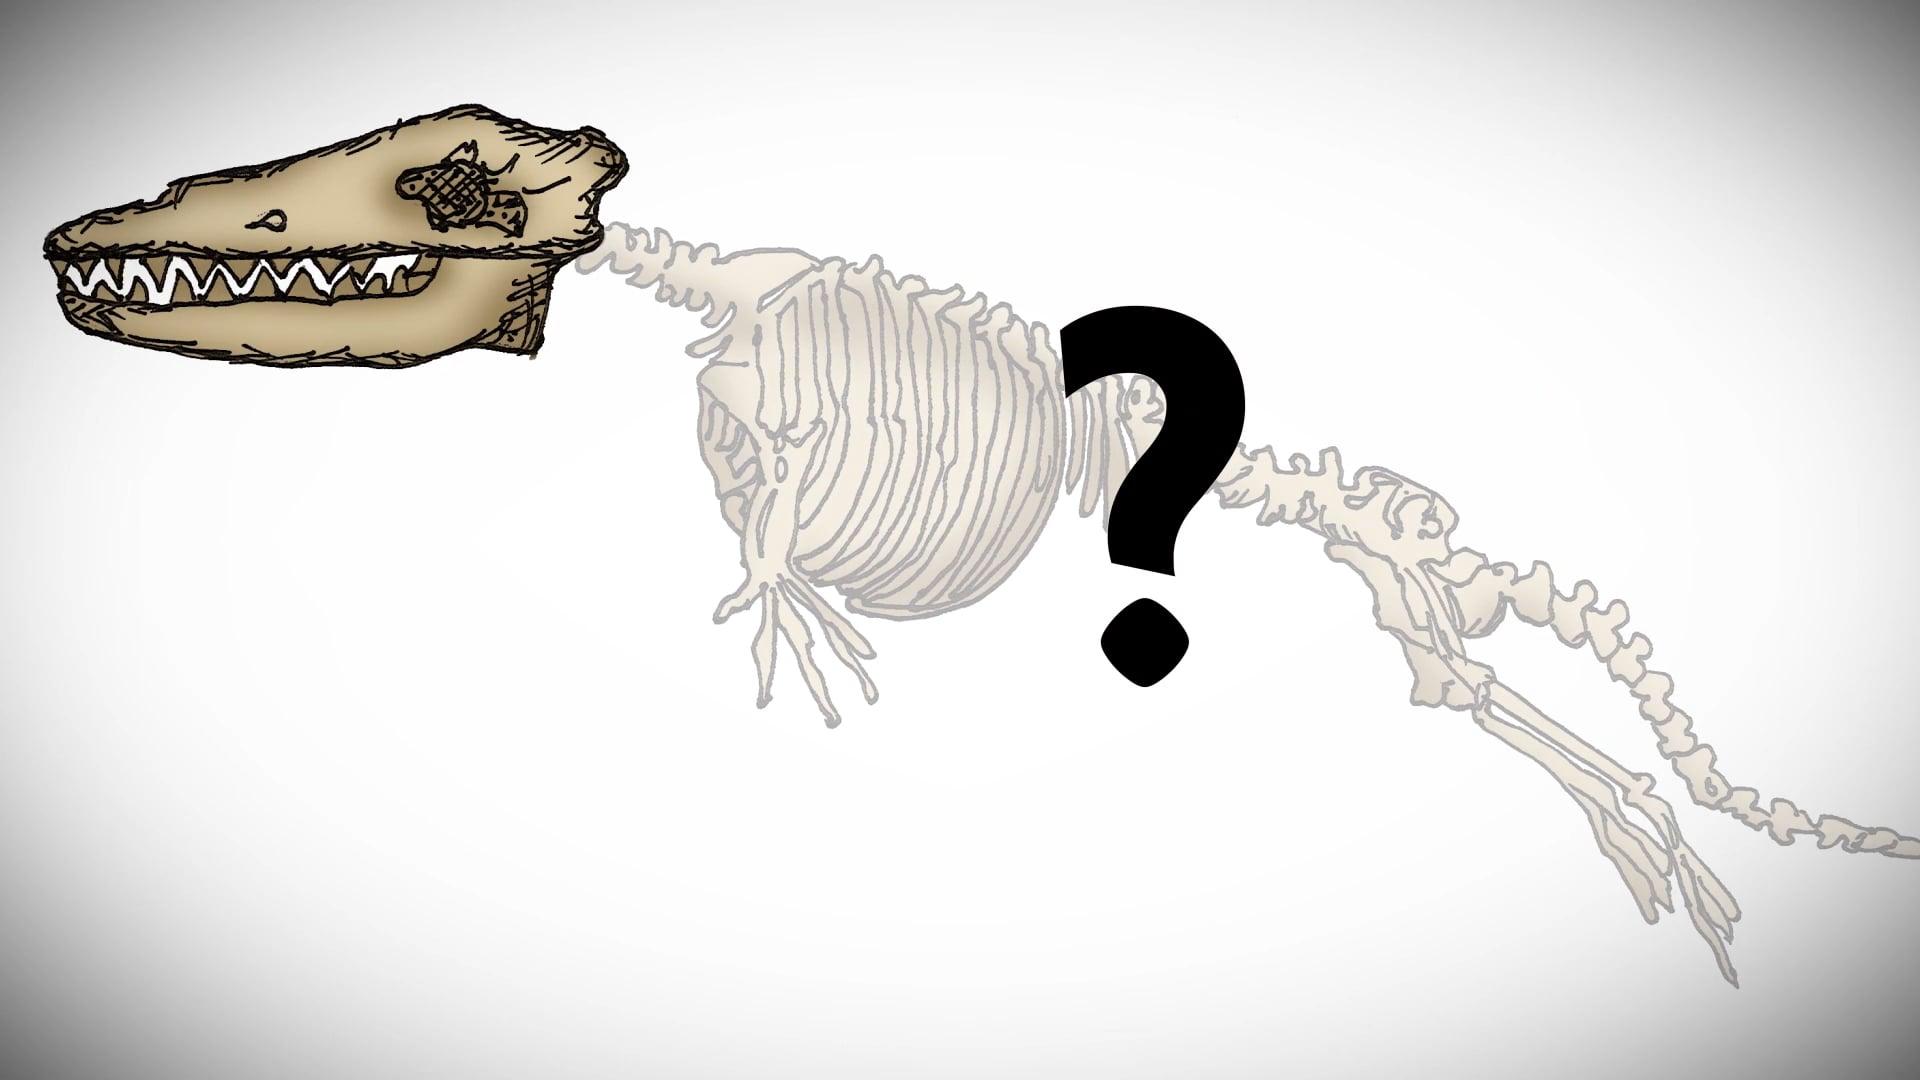 evolucija fosili kitovi